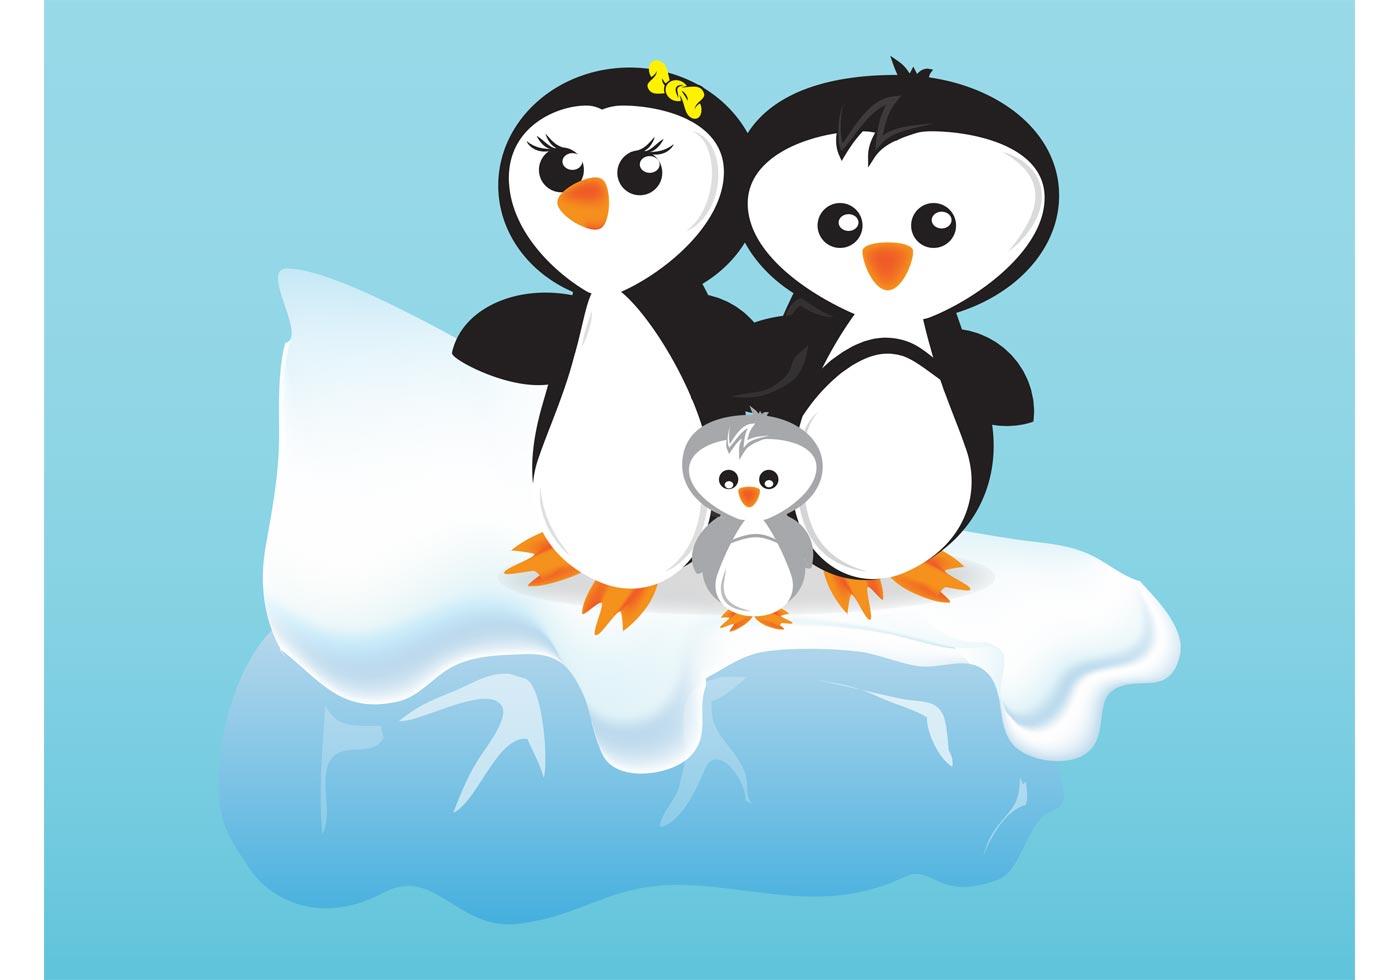 Cartoon Penguins - Download Free Vector Art, Stock ...